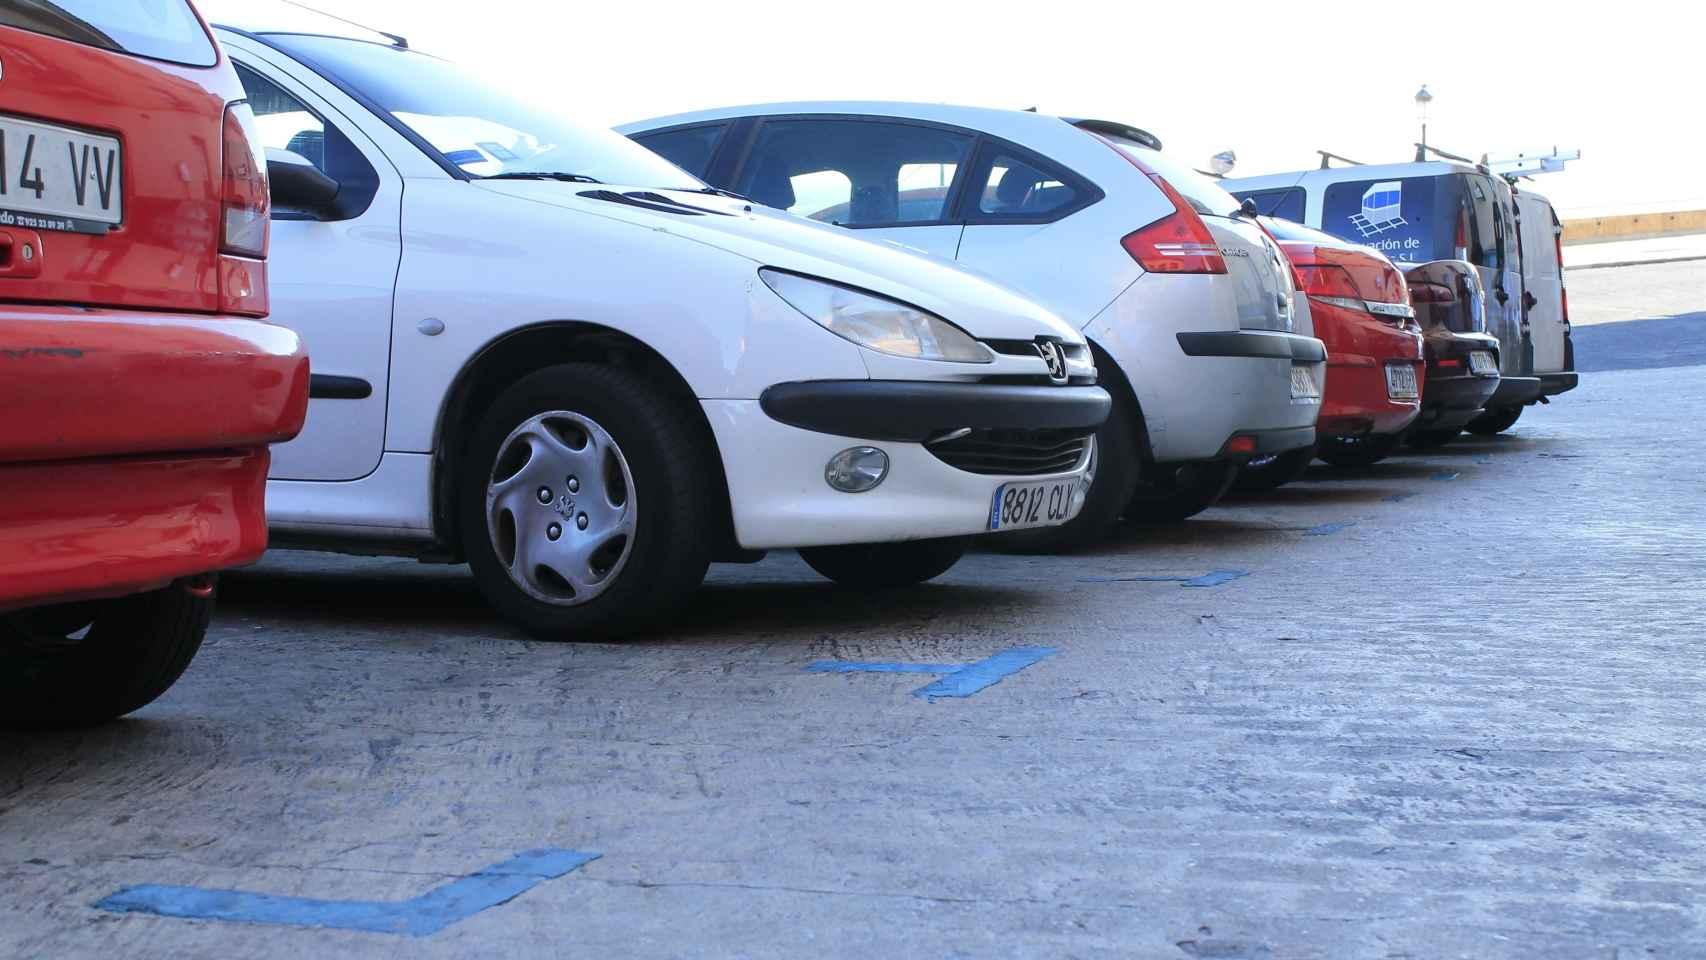 Imagen de vehículos aparcados.